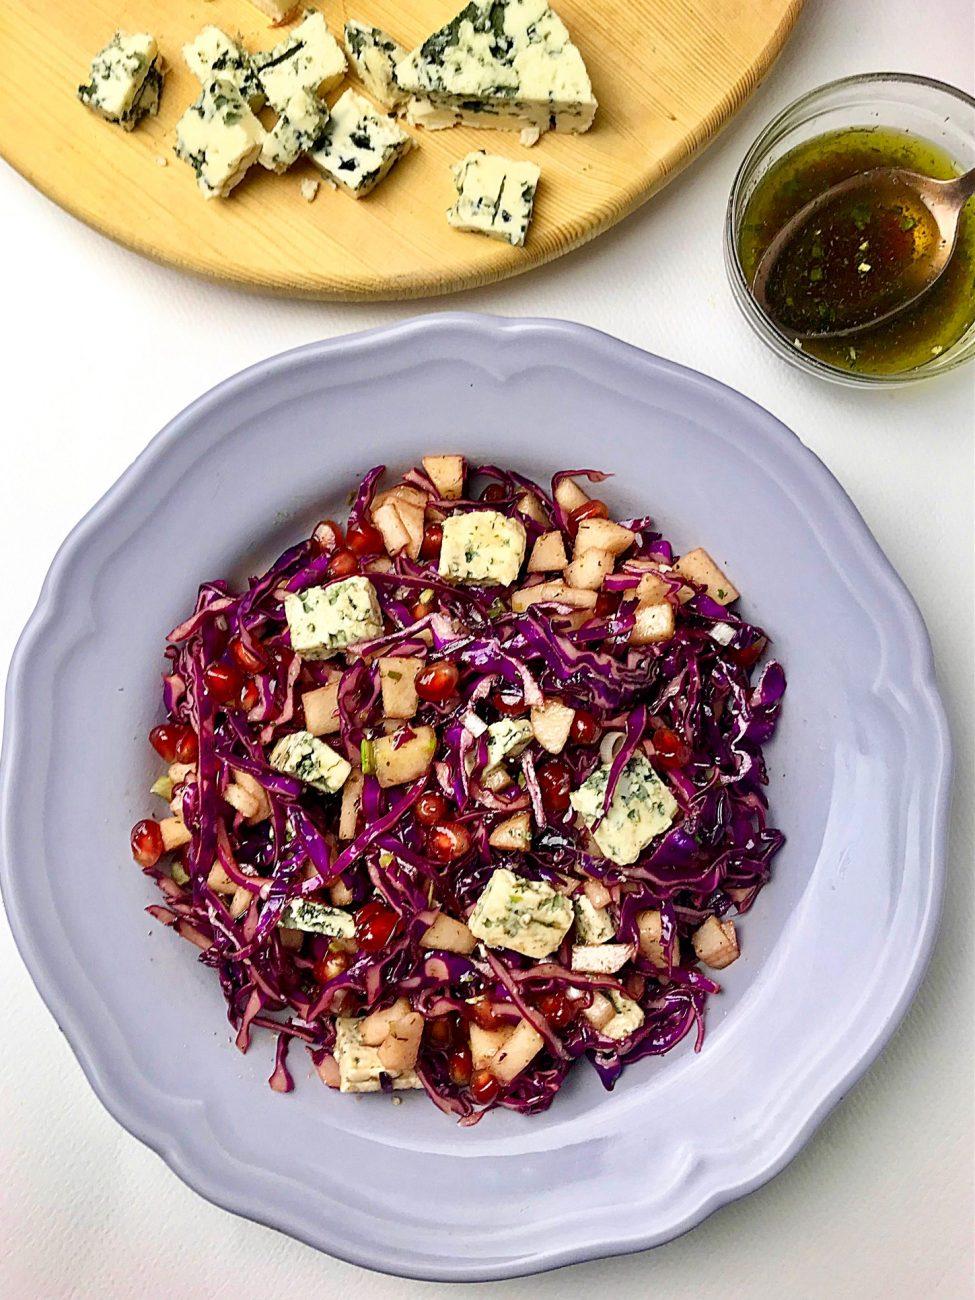 Σαλάτα με μωβ λάχανο αχλάδι και ροκφόρ